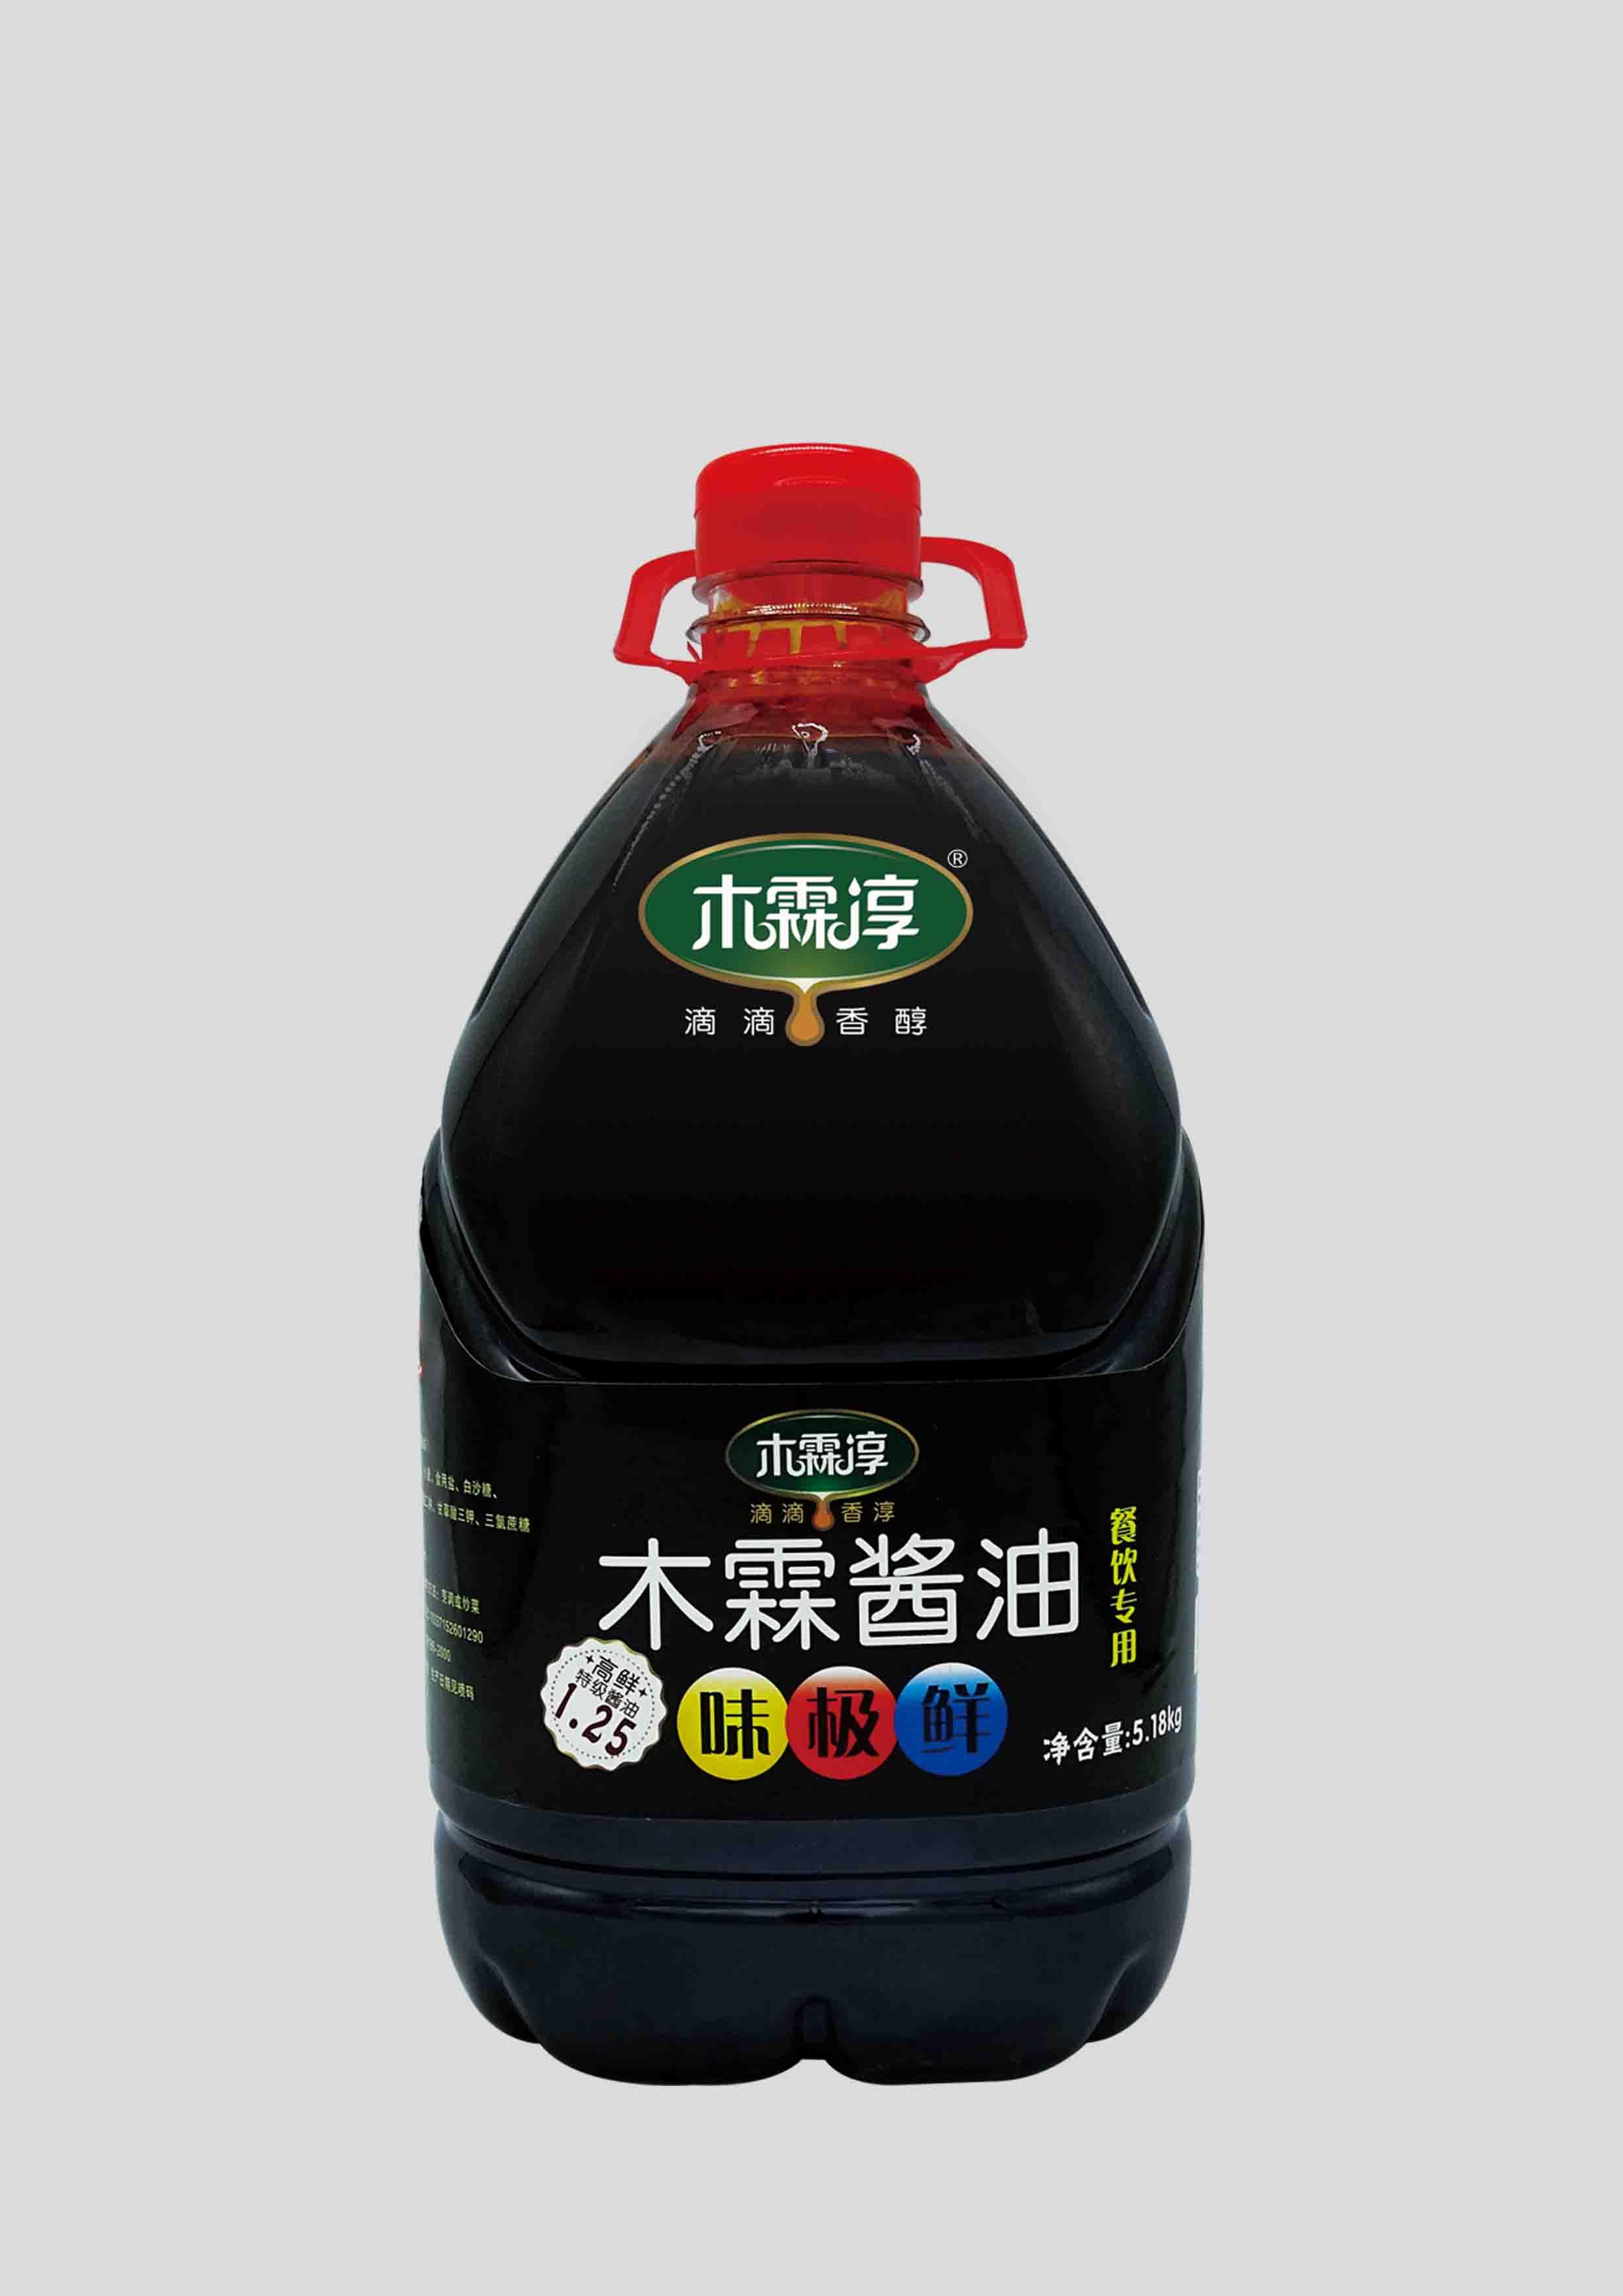 木霖味极鲜酱油5.18kg(餐饮专用)